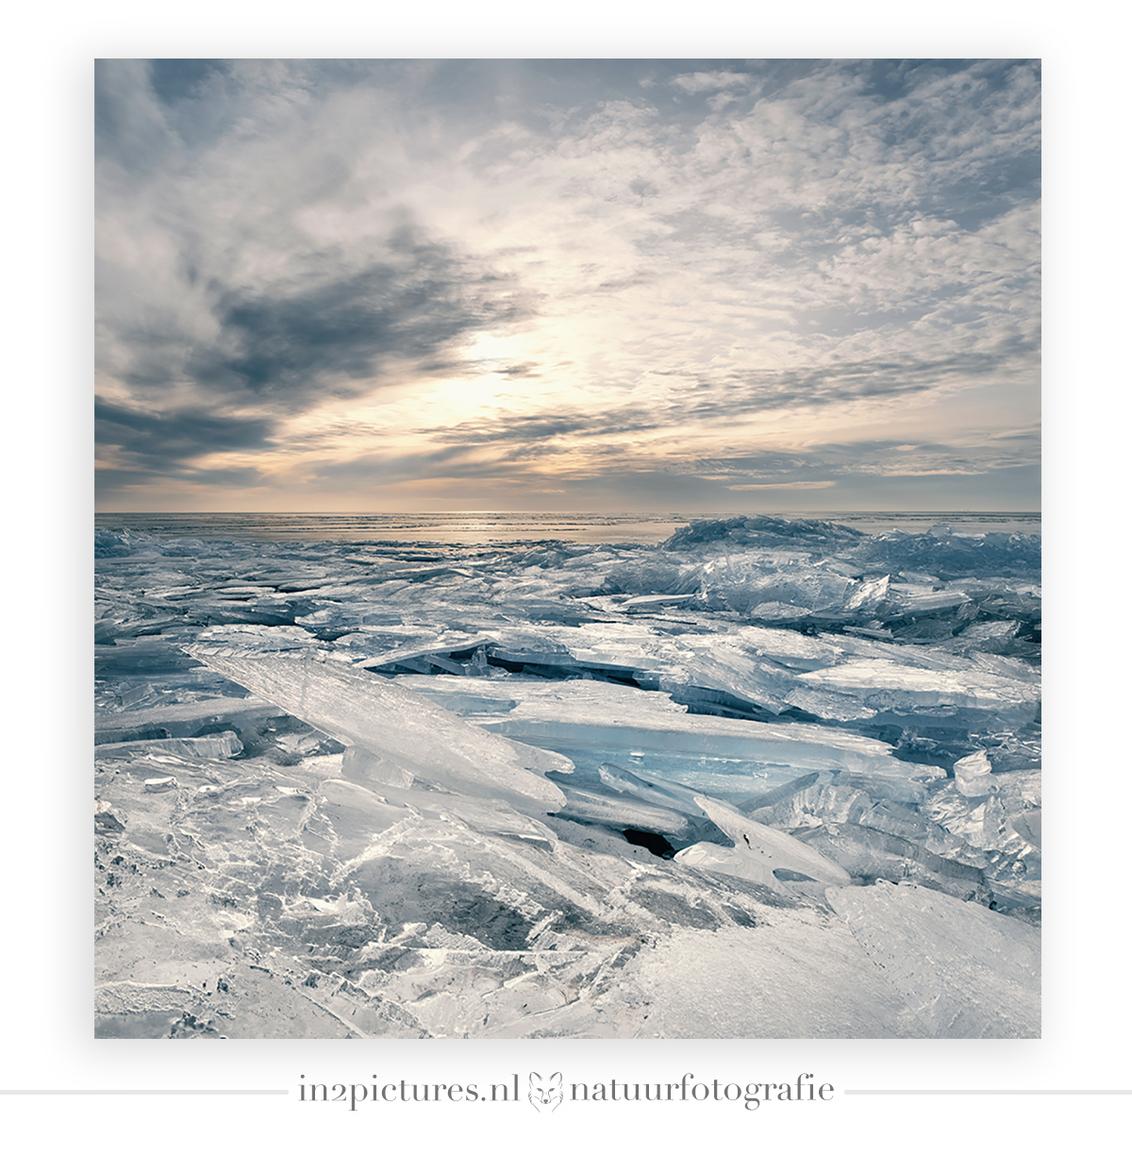 Laatste stuiptrekkingen van de winter - De laatste stuiptrekkingen van de winter! Hoe heerlijk en bijzonder was dit om te maken zeg... ik had dit natuurverschijnsel nog nooit gezien. Stapel - foto door in2picturesnature op 19-02-2021 - deze foto bevat: wit, blauw, water, panorama, winter, ijs, zonsopkomst, ijsselmeer, ijsschotsen, natuurverschijnsel, natuurfotografie, ijsschots, landschapsfotografie, focusstacking, focus stacking, kruiend ijs